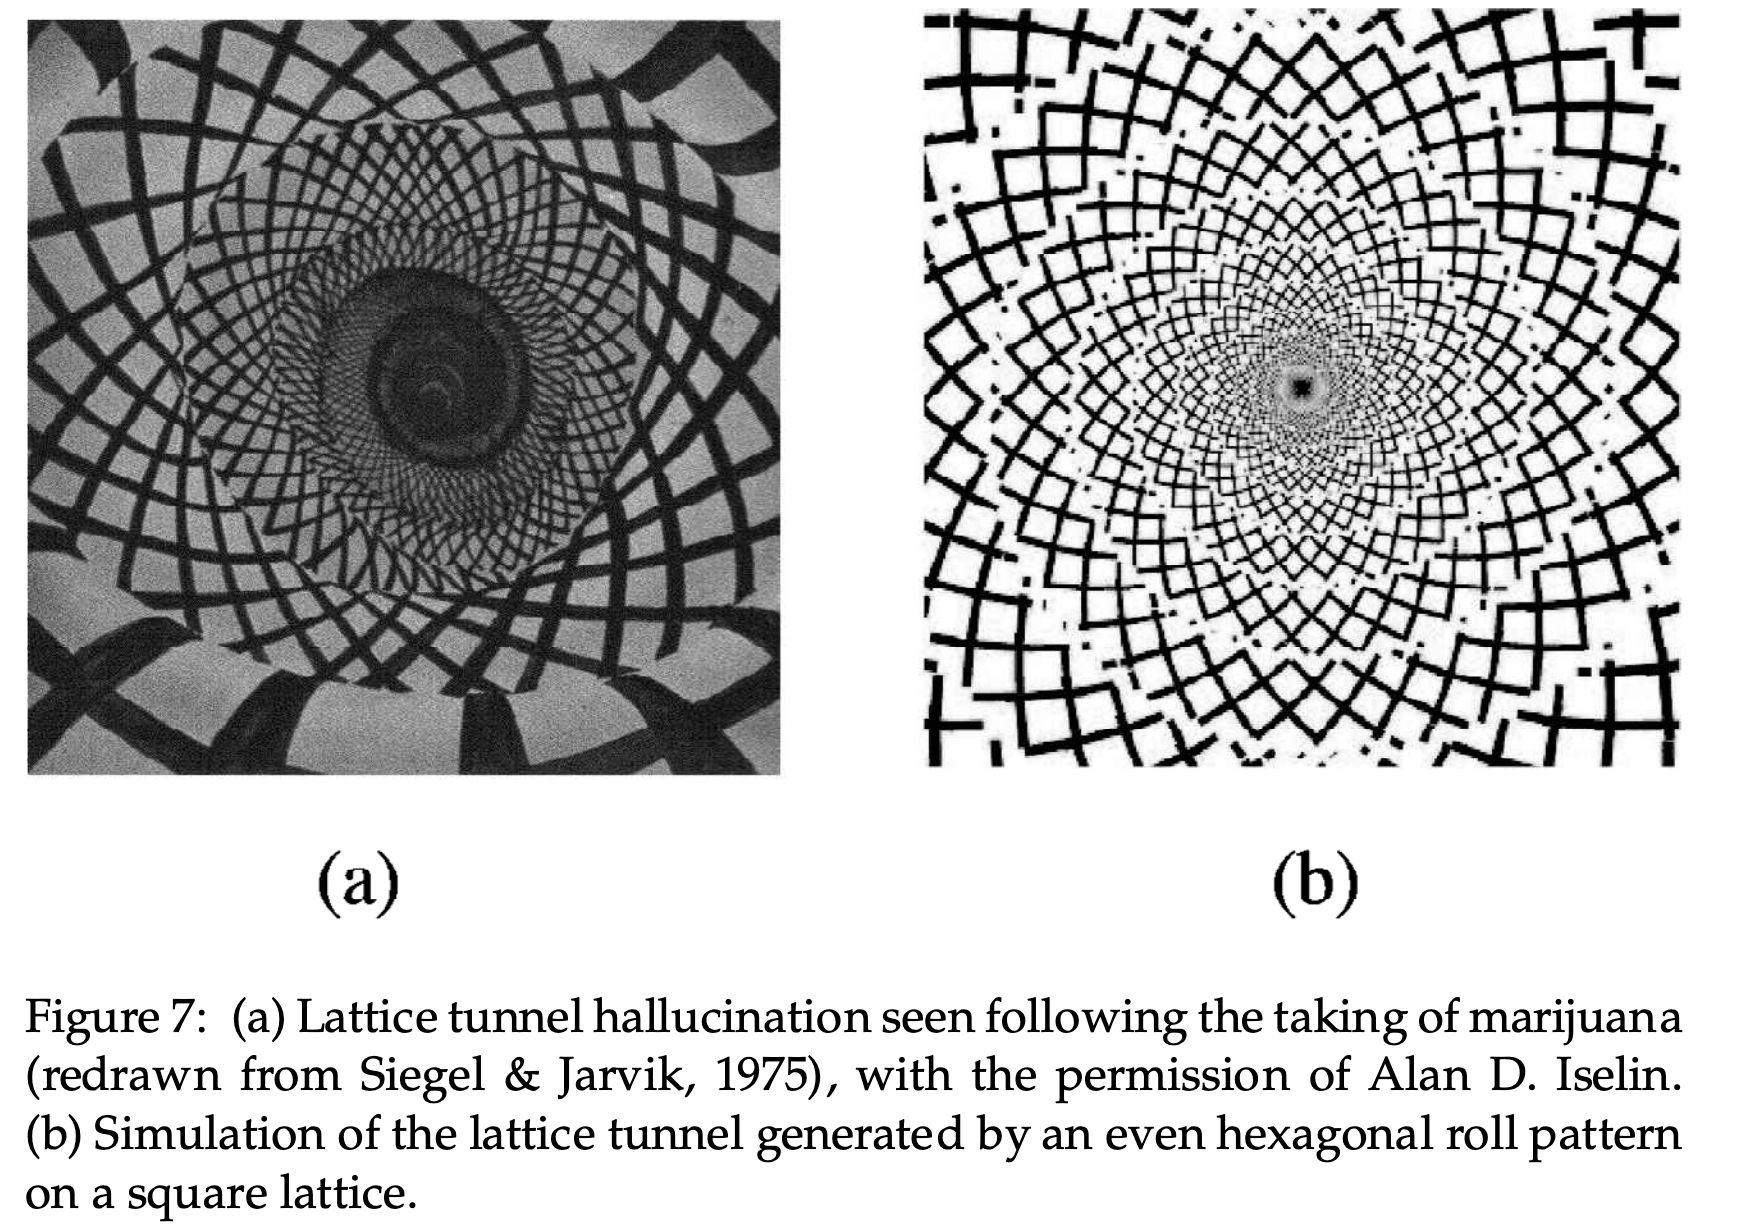 Figure 8: Modèles d'hallucination Modèles d'hallucination sous drogues: une modélisation mathématique permet de prédire leur forme.